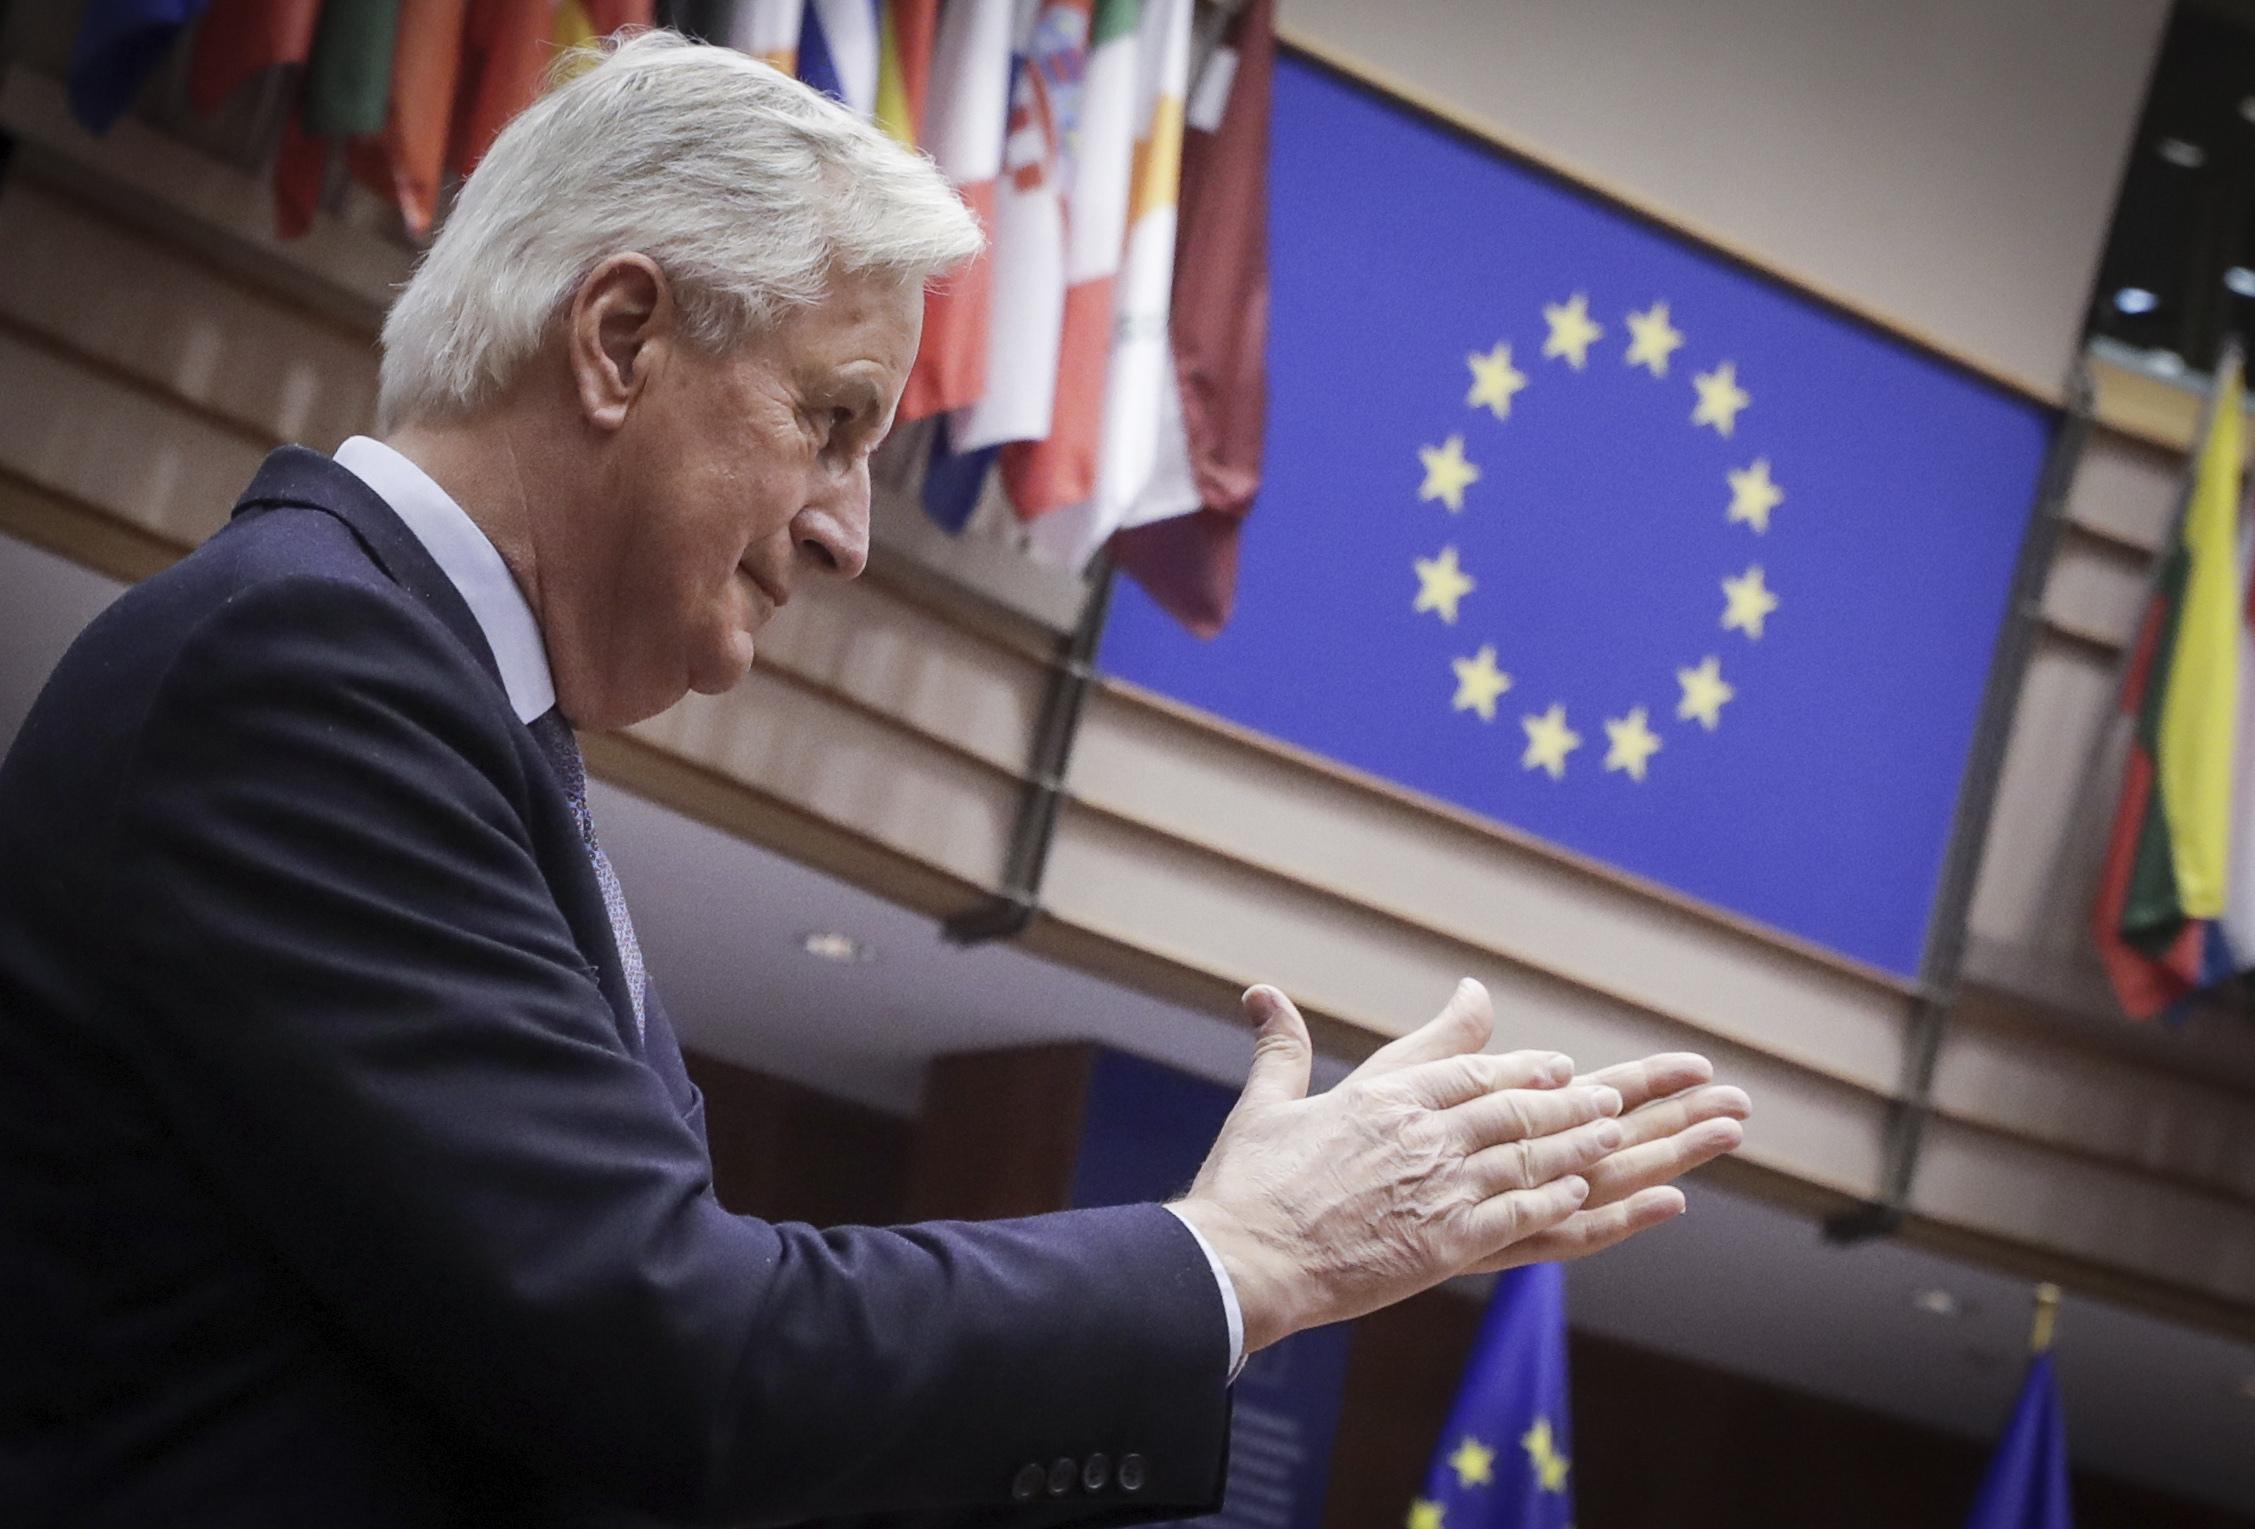 El jefe negociador de la UE Michel Barnier.